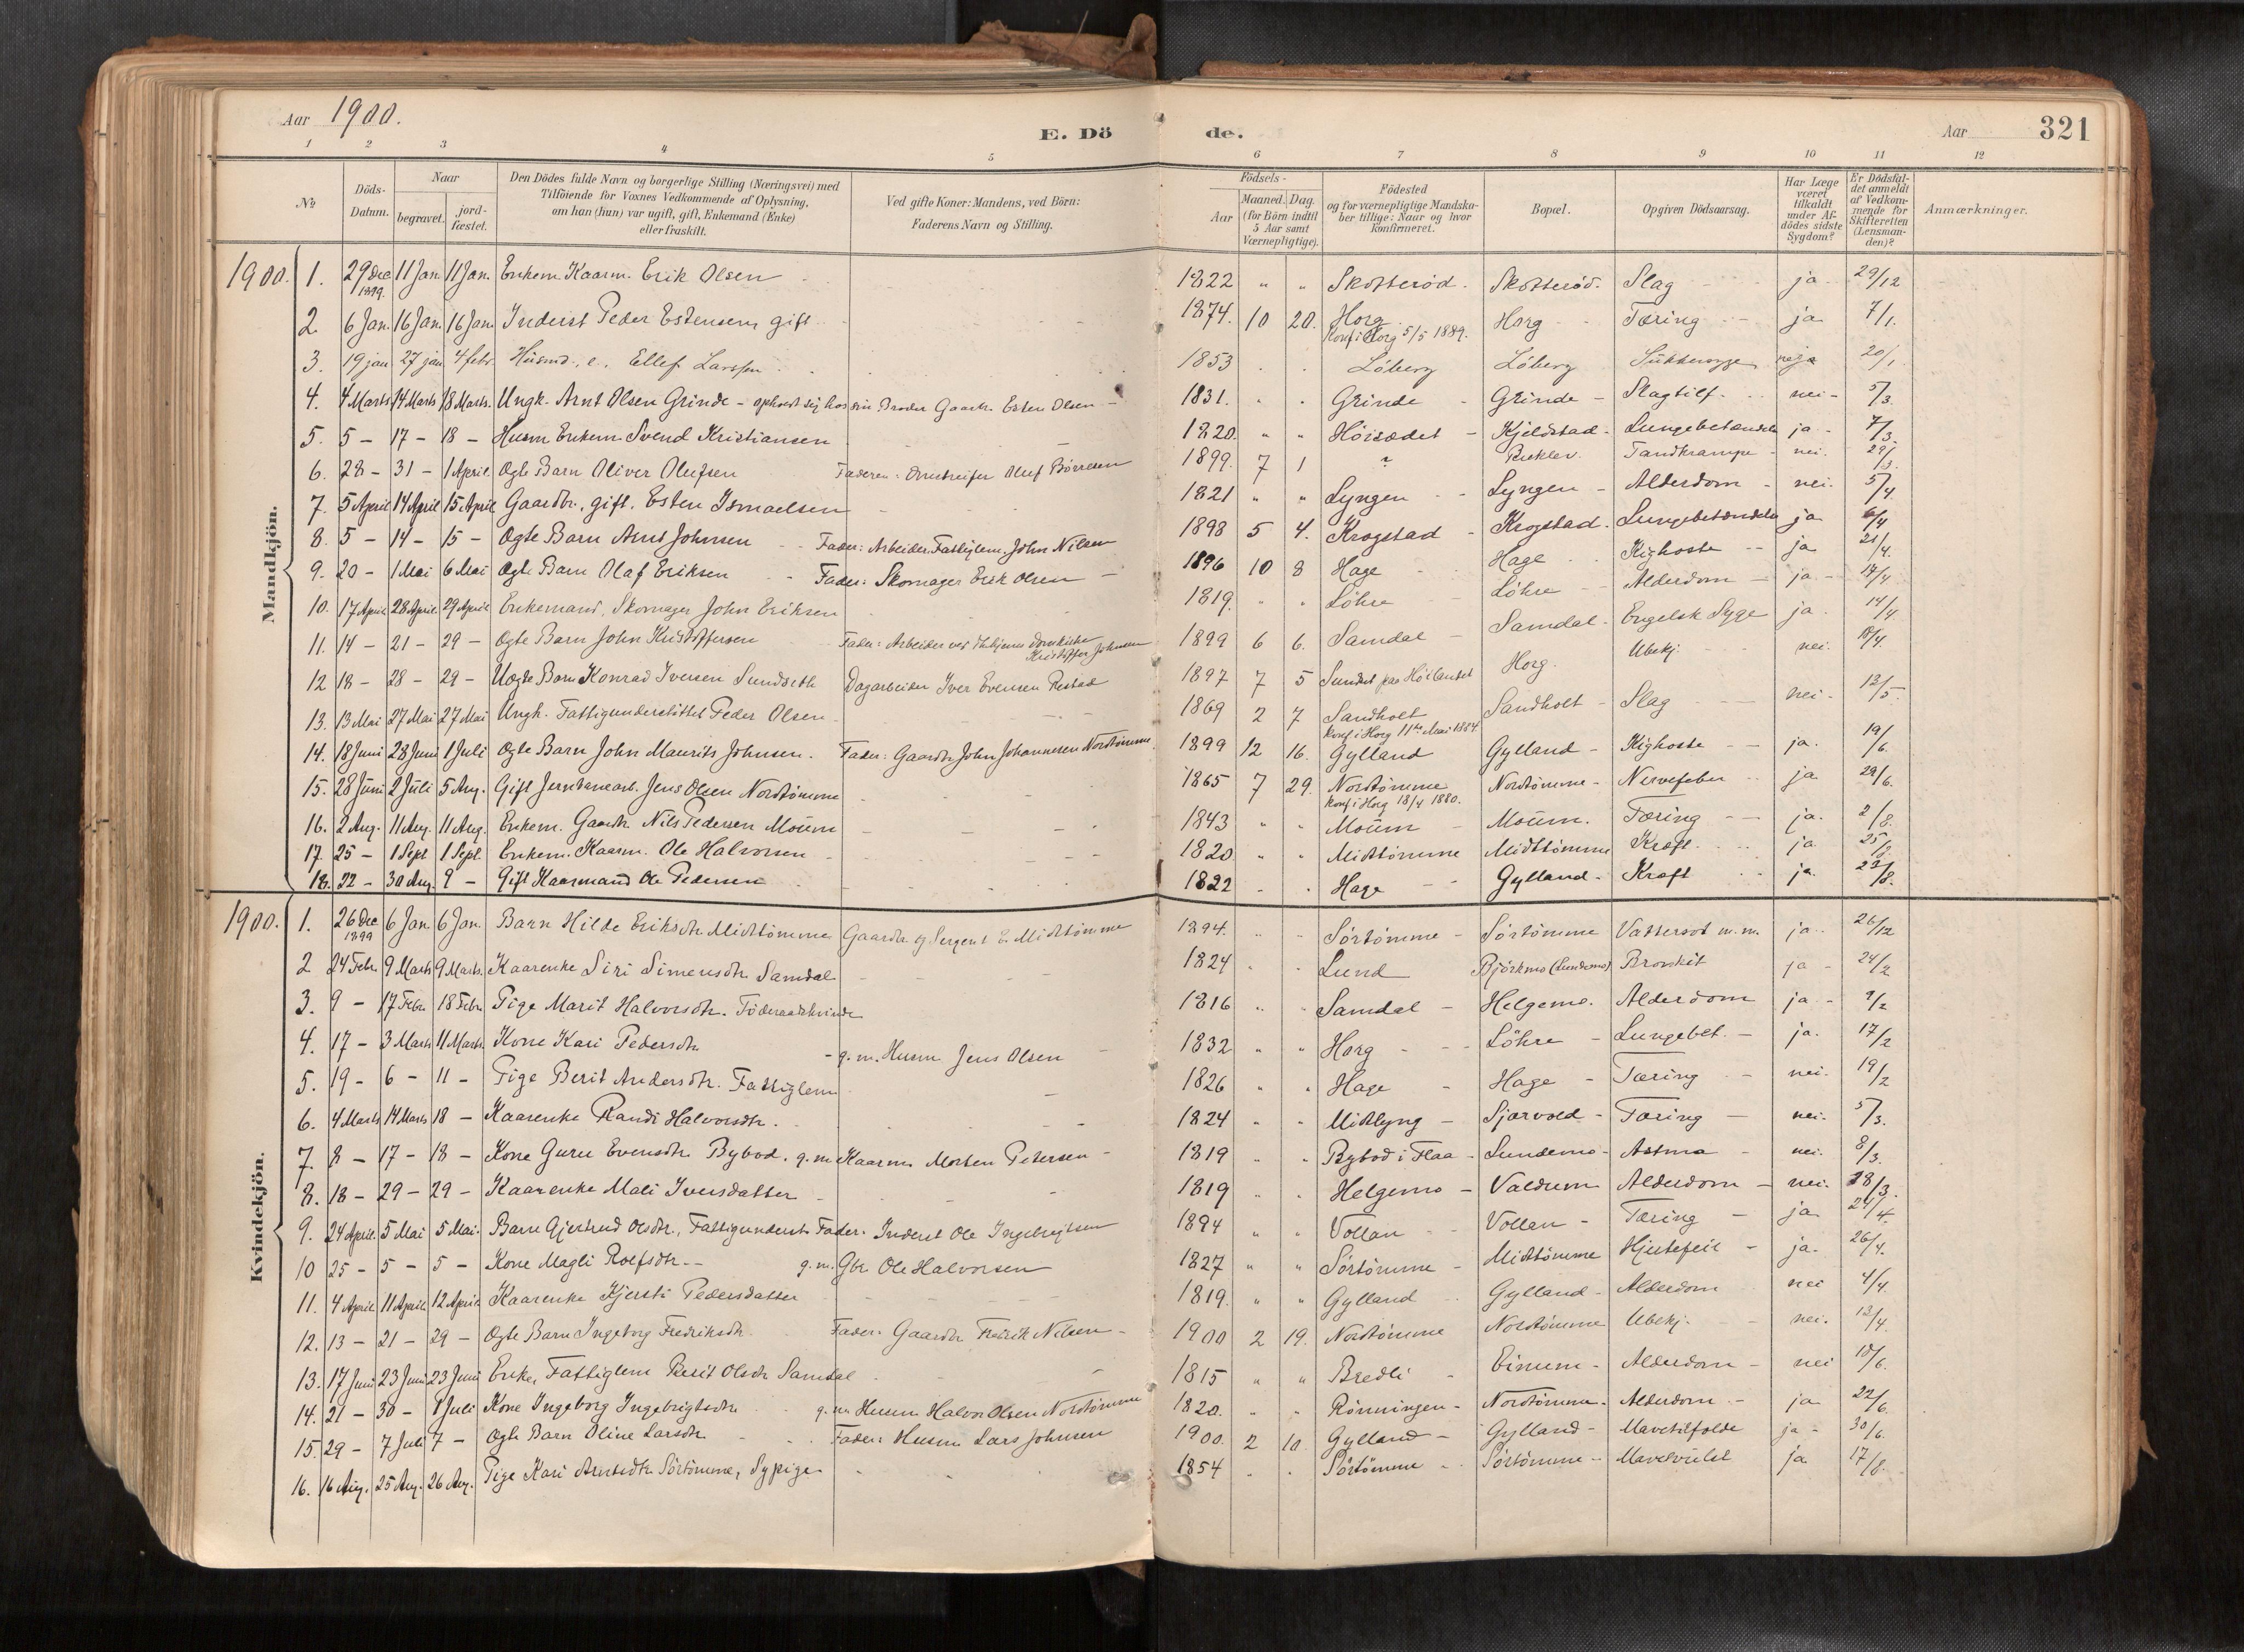 SAT, Ministerialprotokoller, klokkerbøker og fødselsregistre - Sør-Trøndelag, 692/L1105b: Ministerialbok nr. 692A06, 1891-1934, s. 321